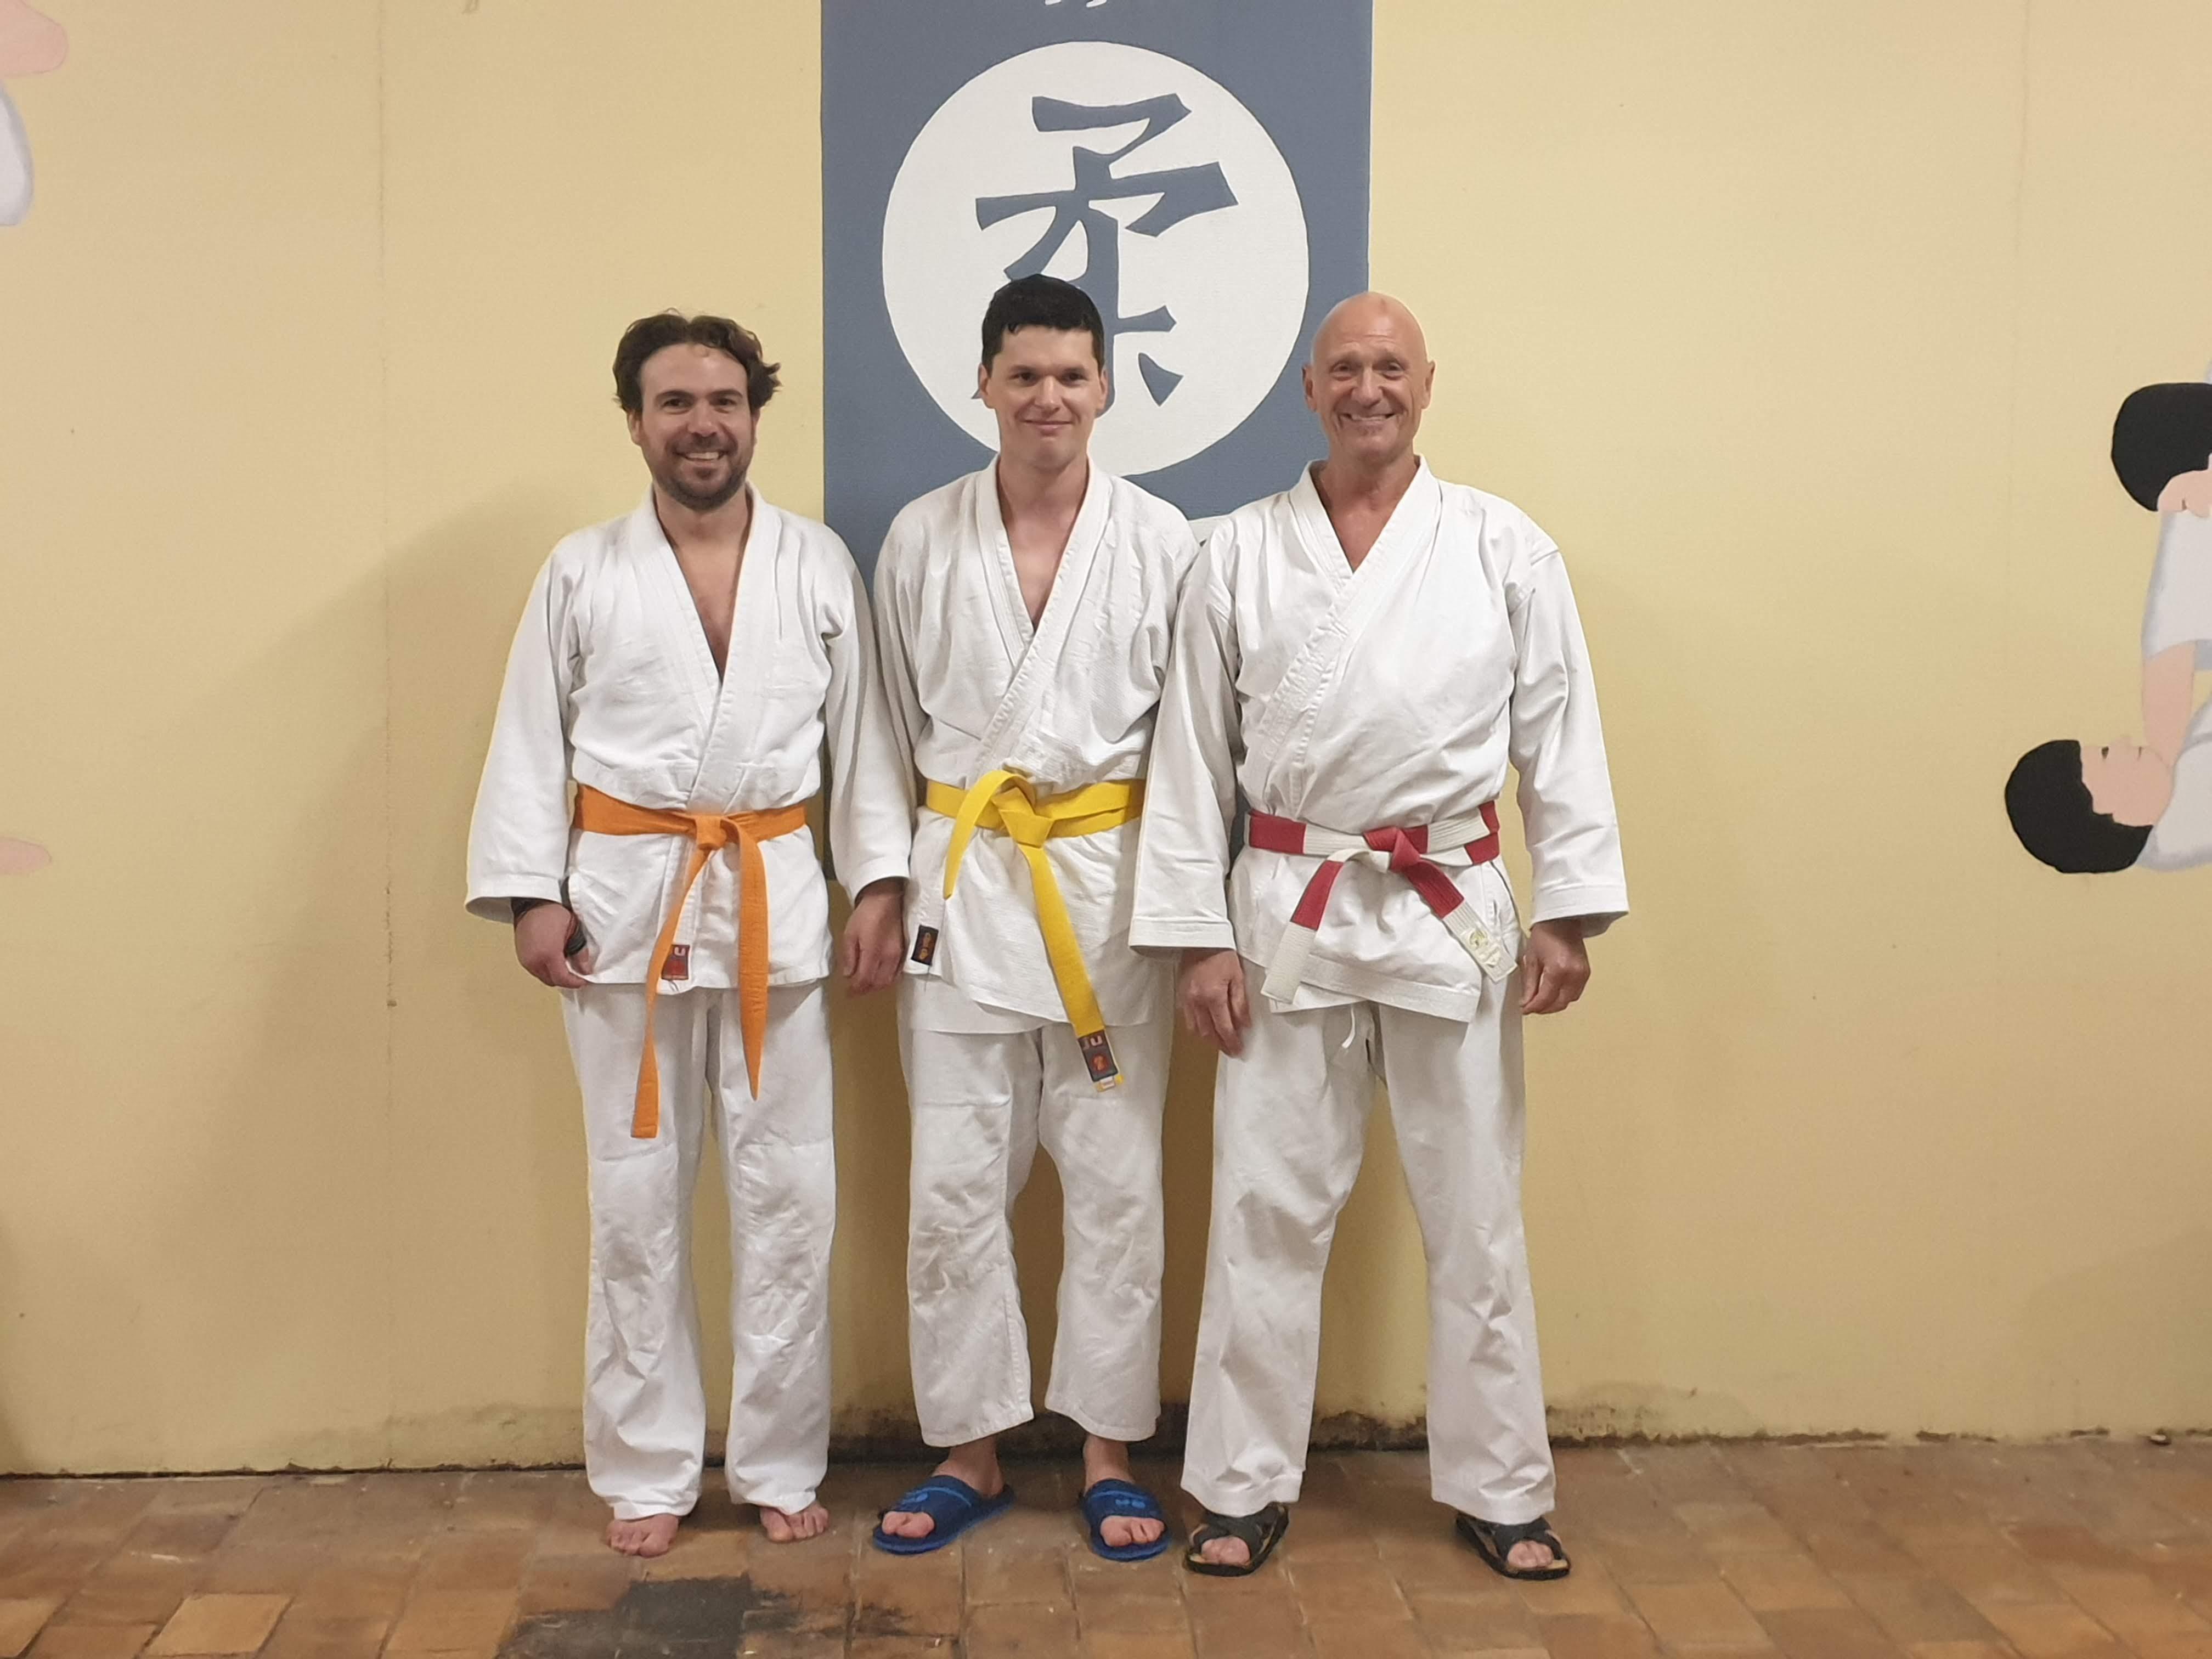 Gunnar, Stijn en Erik na examen geel Stijn